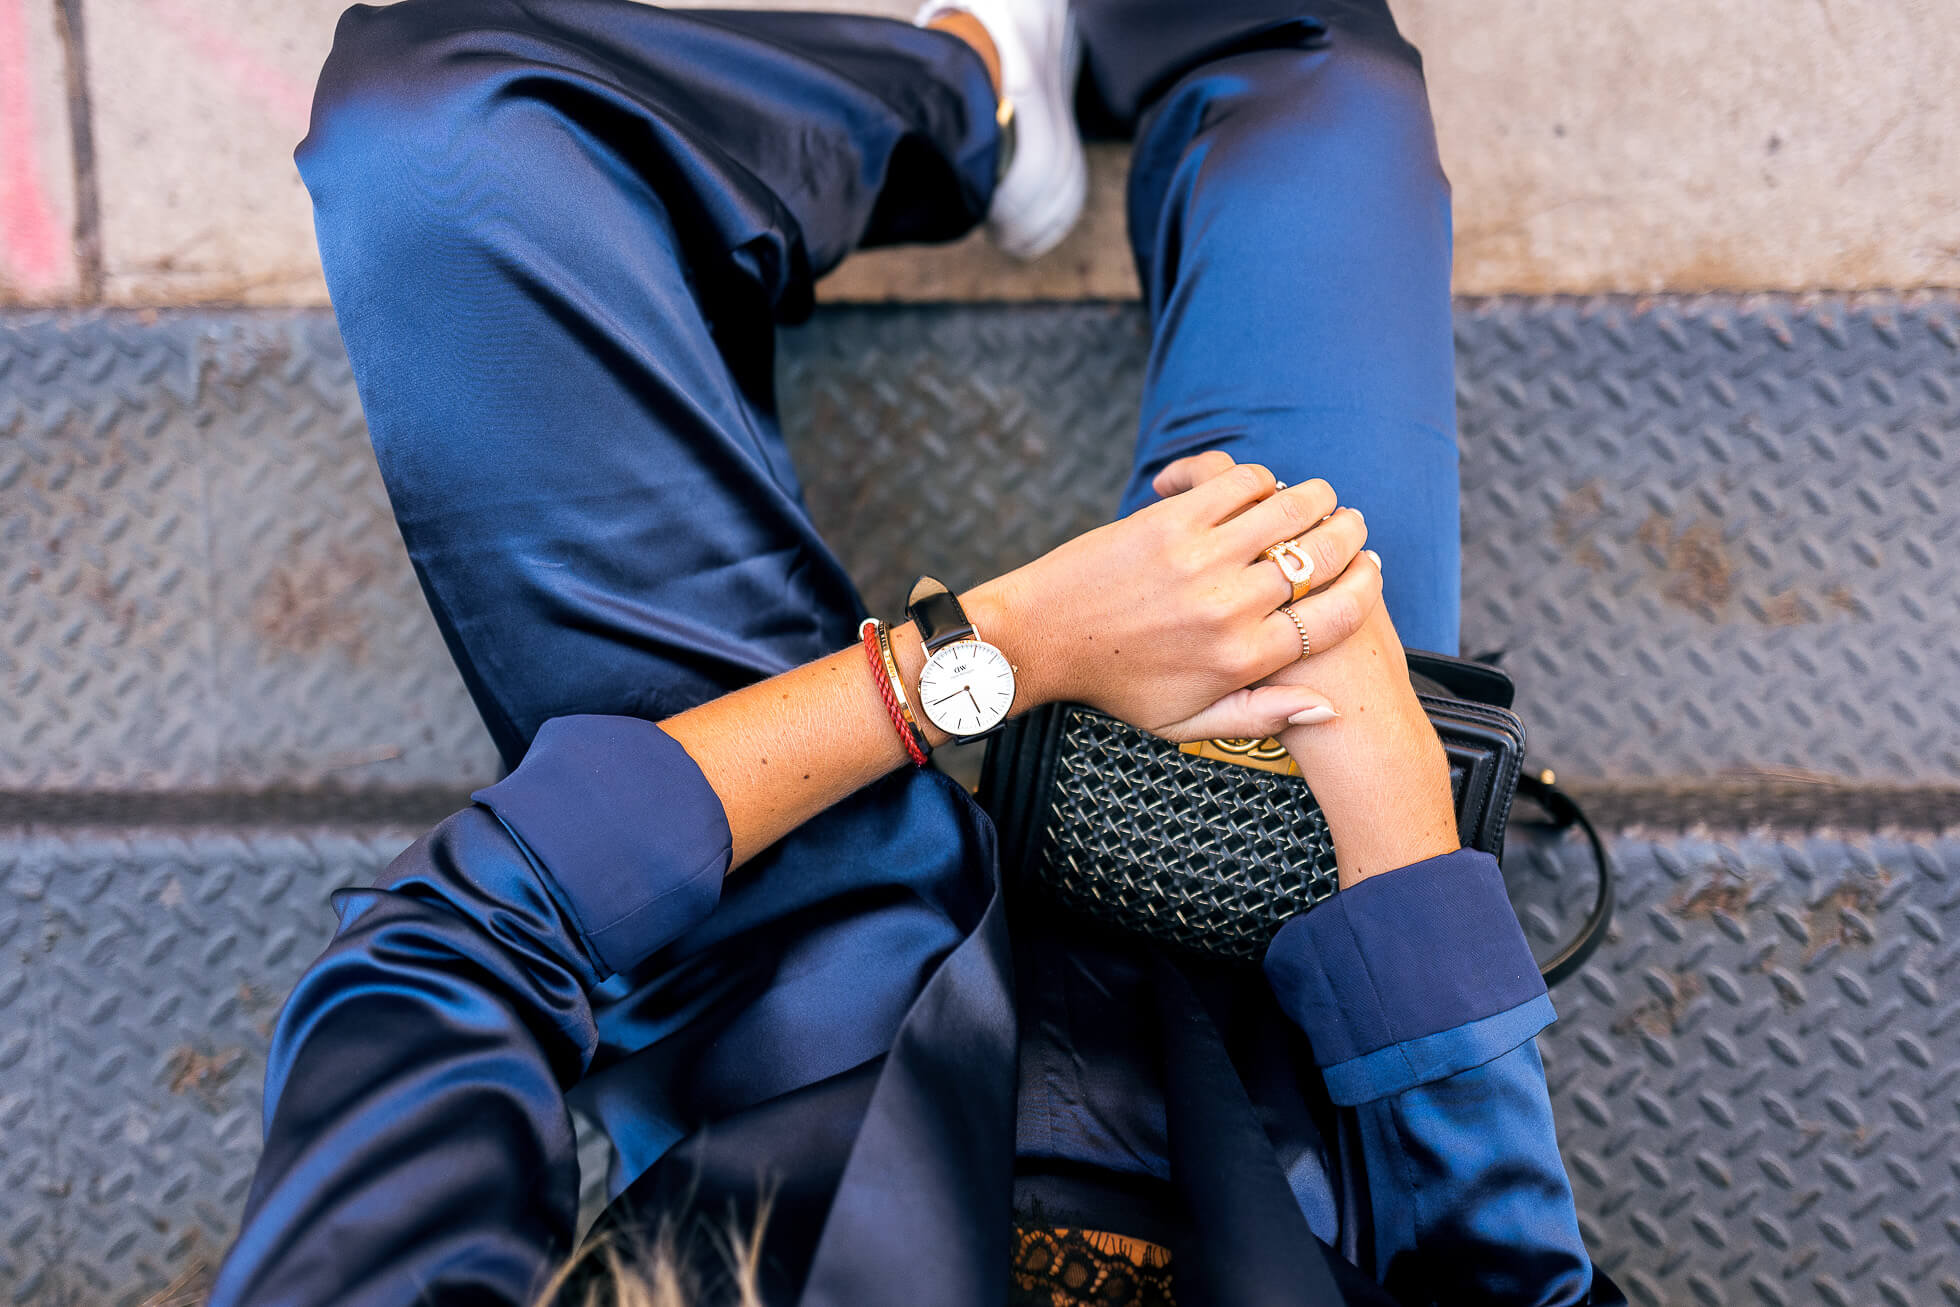 janni-deler-dw-fashionweekL1090313-Redigera